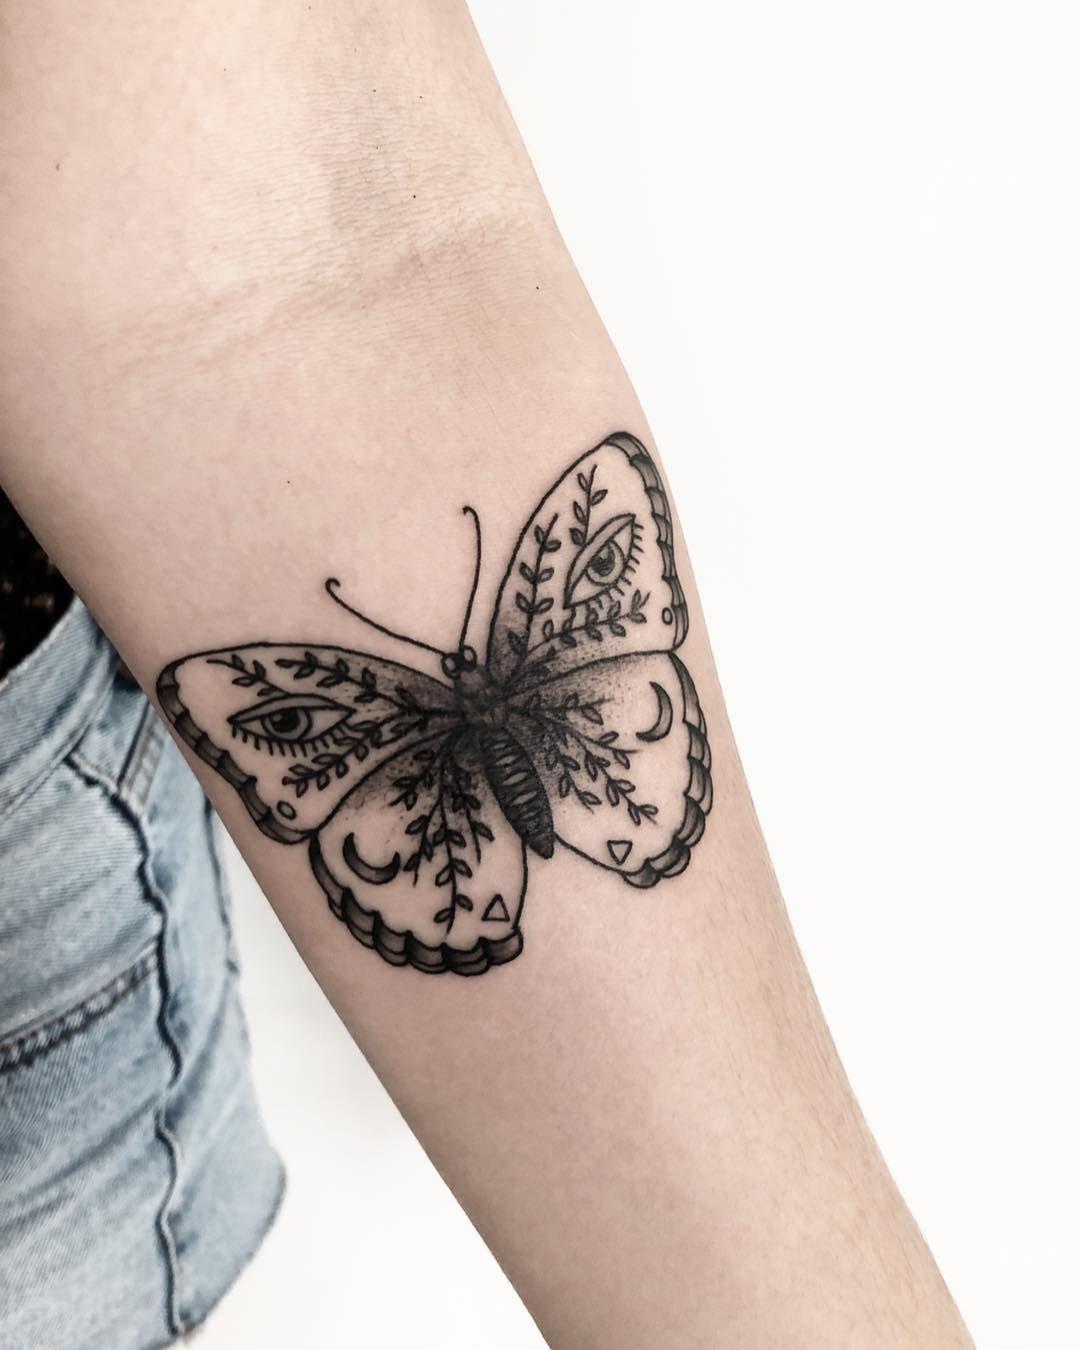 Tatuagens florais em blackwork e fineline: um fenômeno! - Blog Tattoo2me